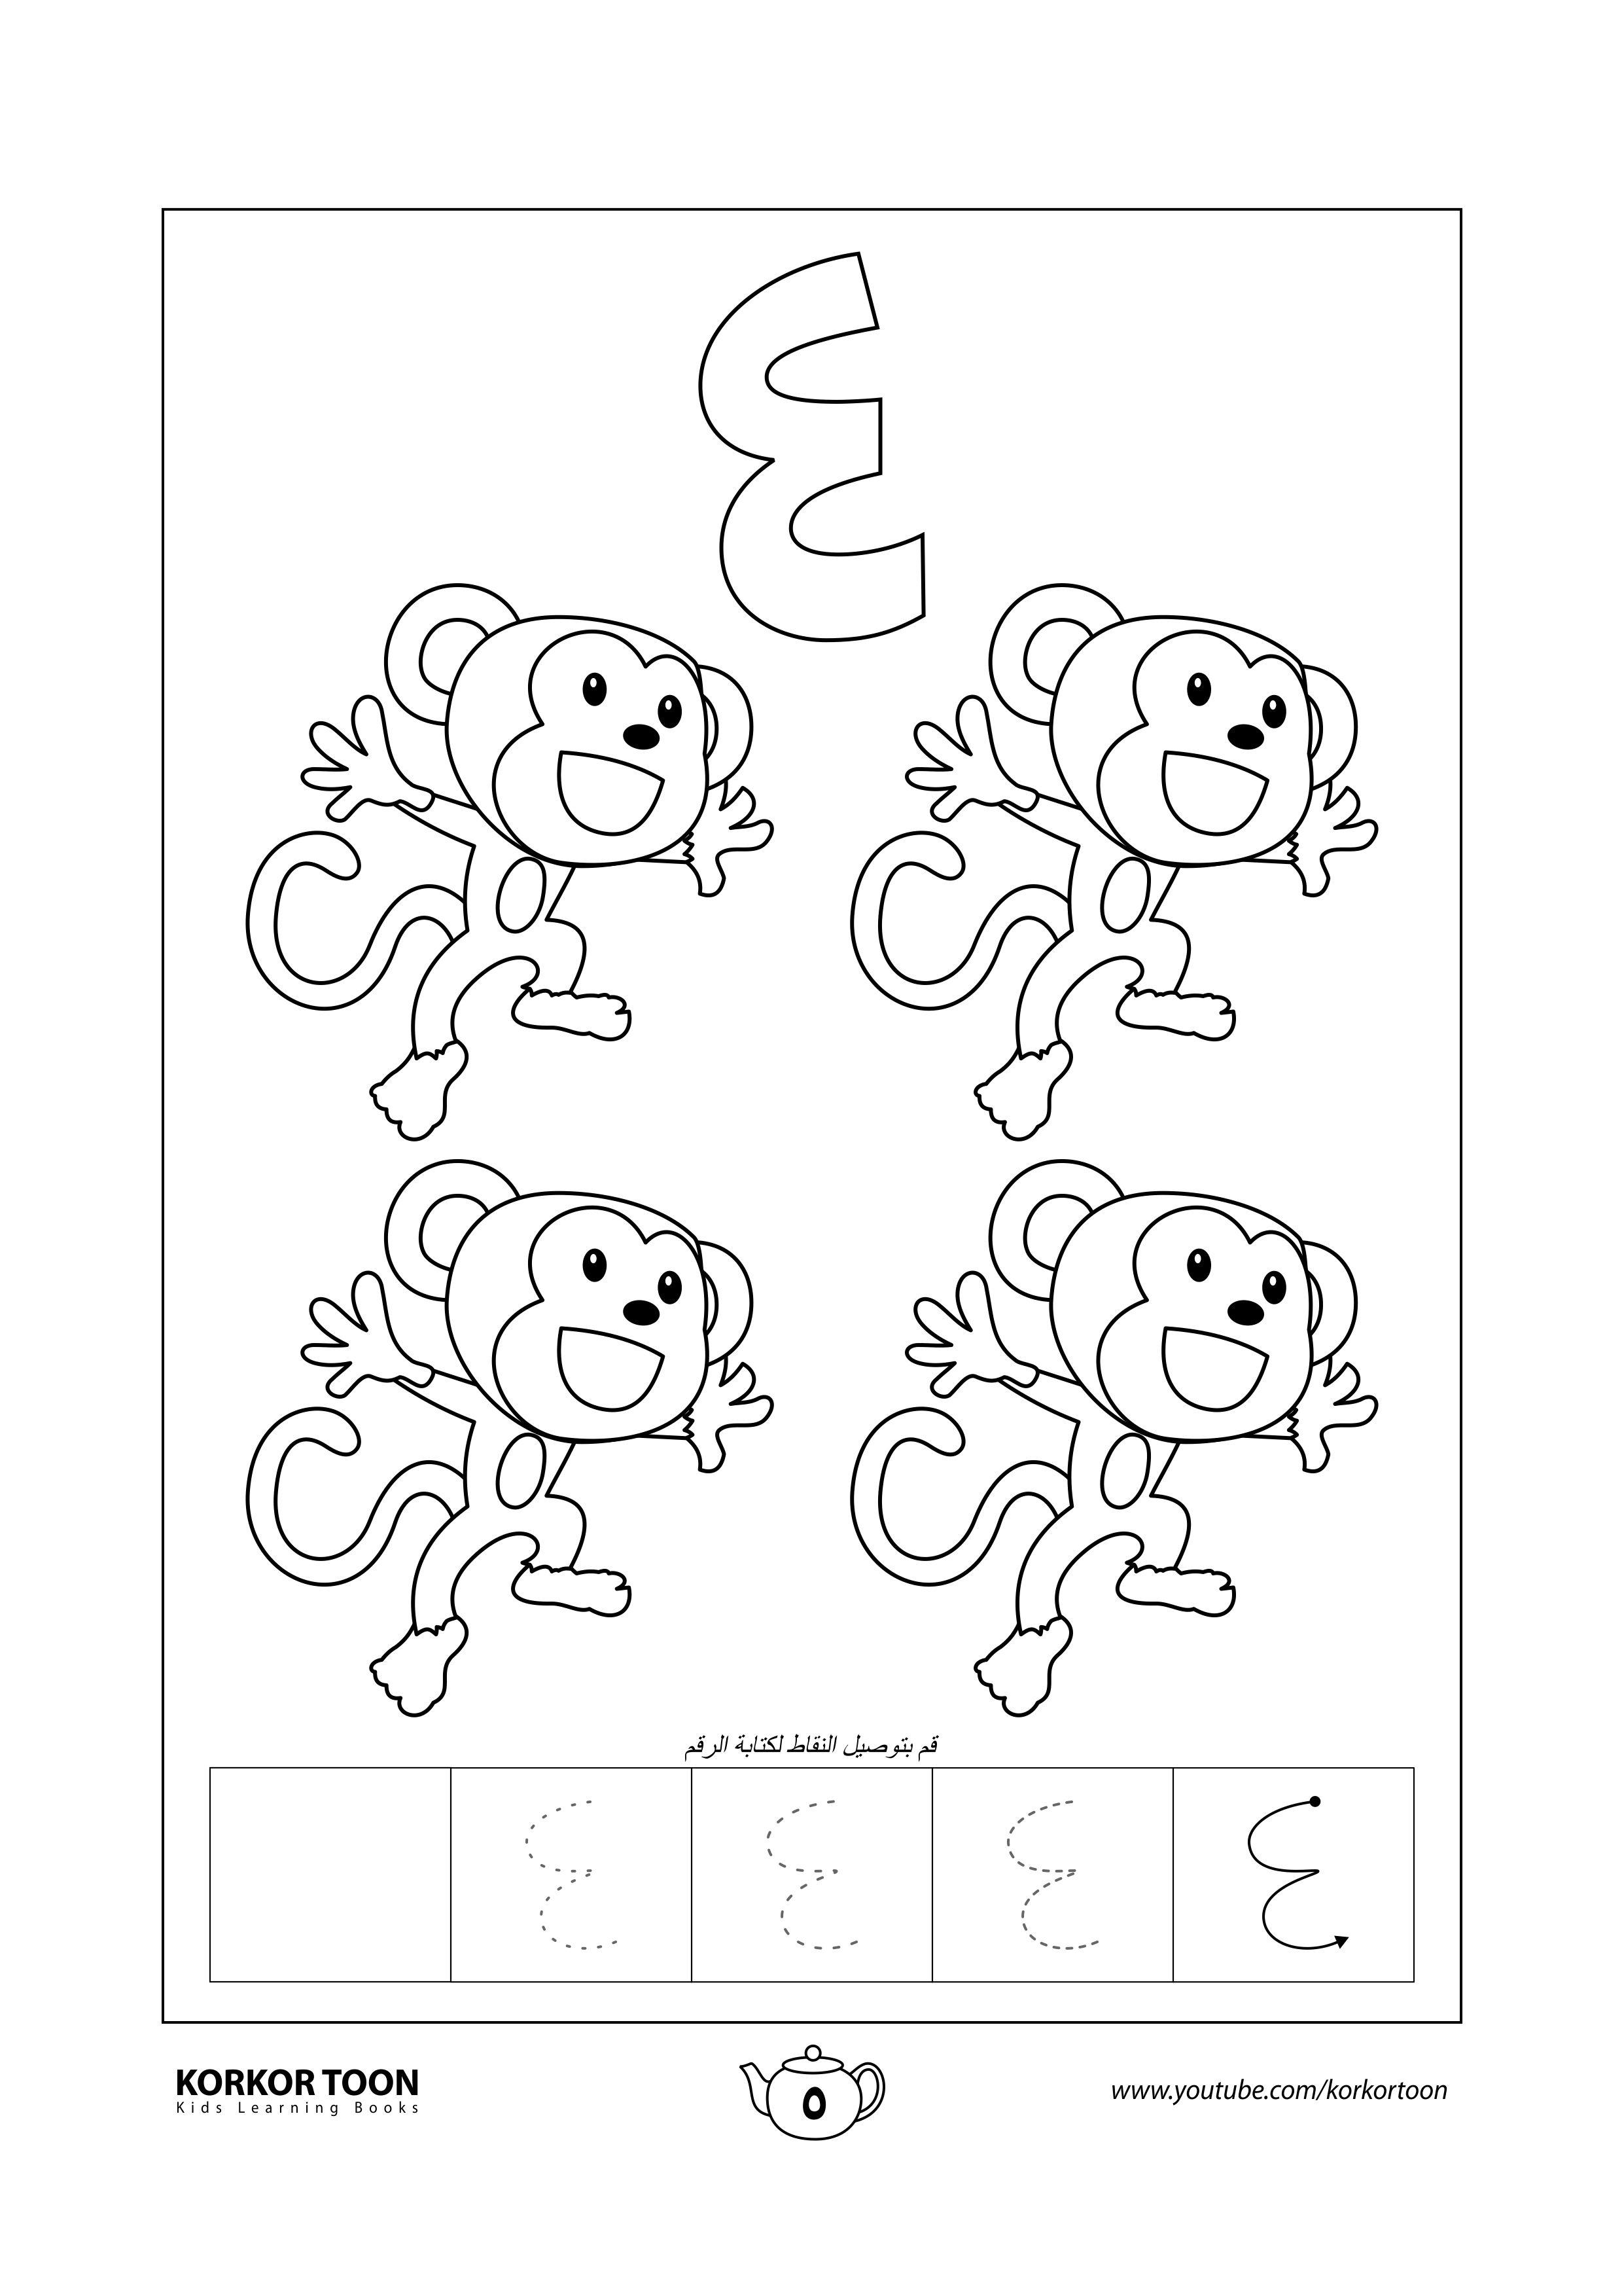 كتاب تلوين الأرقام العربية تلوين الرقم 4 Coloring Books Kids Coloring Books Numbers Preschool